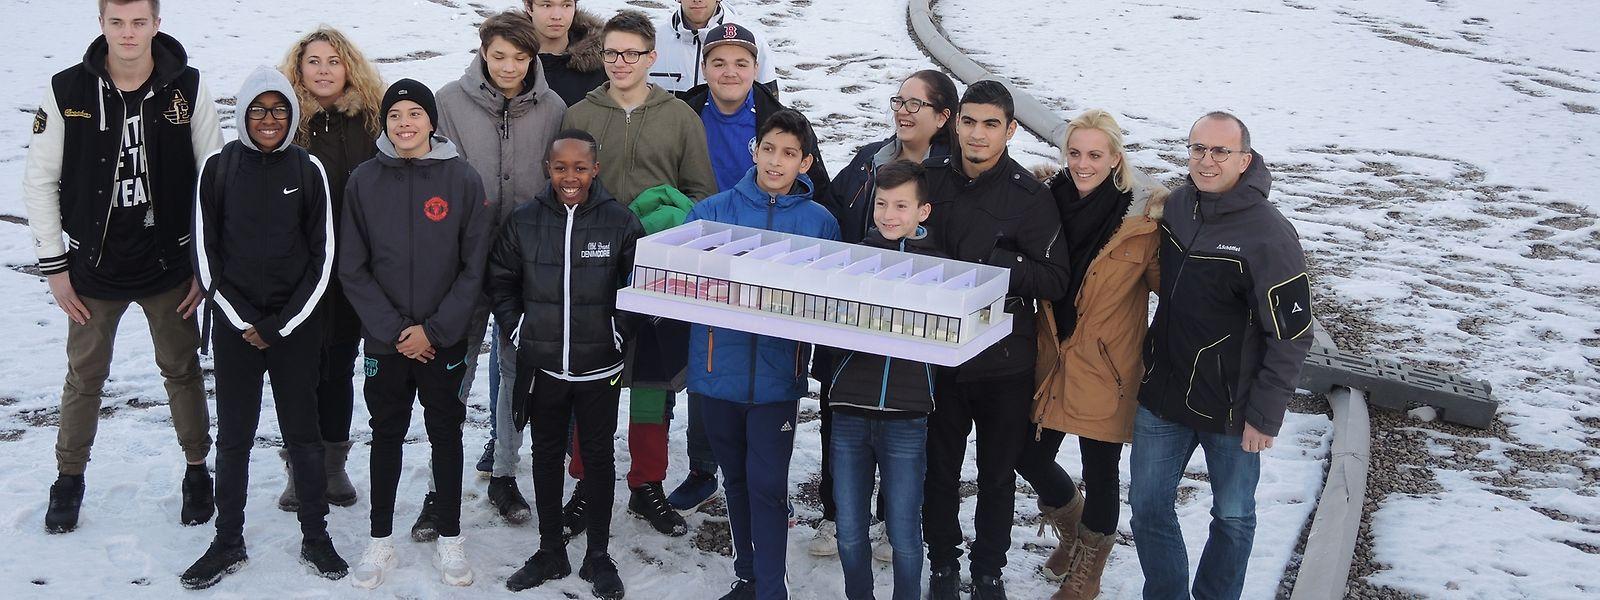 """Ein Teil der Jugendlichen samt Betreuer und Verantwortlichen des """"Jugendtreff Déifferdeng"""" mit dem Endentwurf auf der Baustelle."""